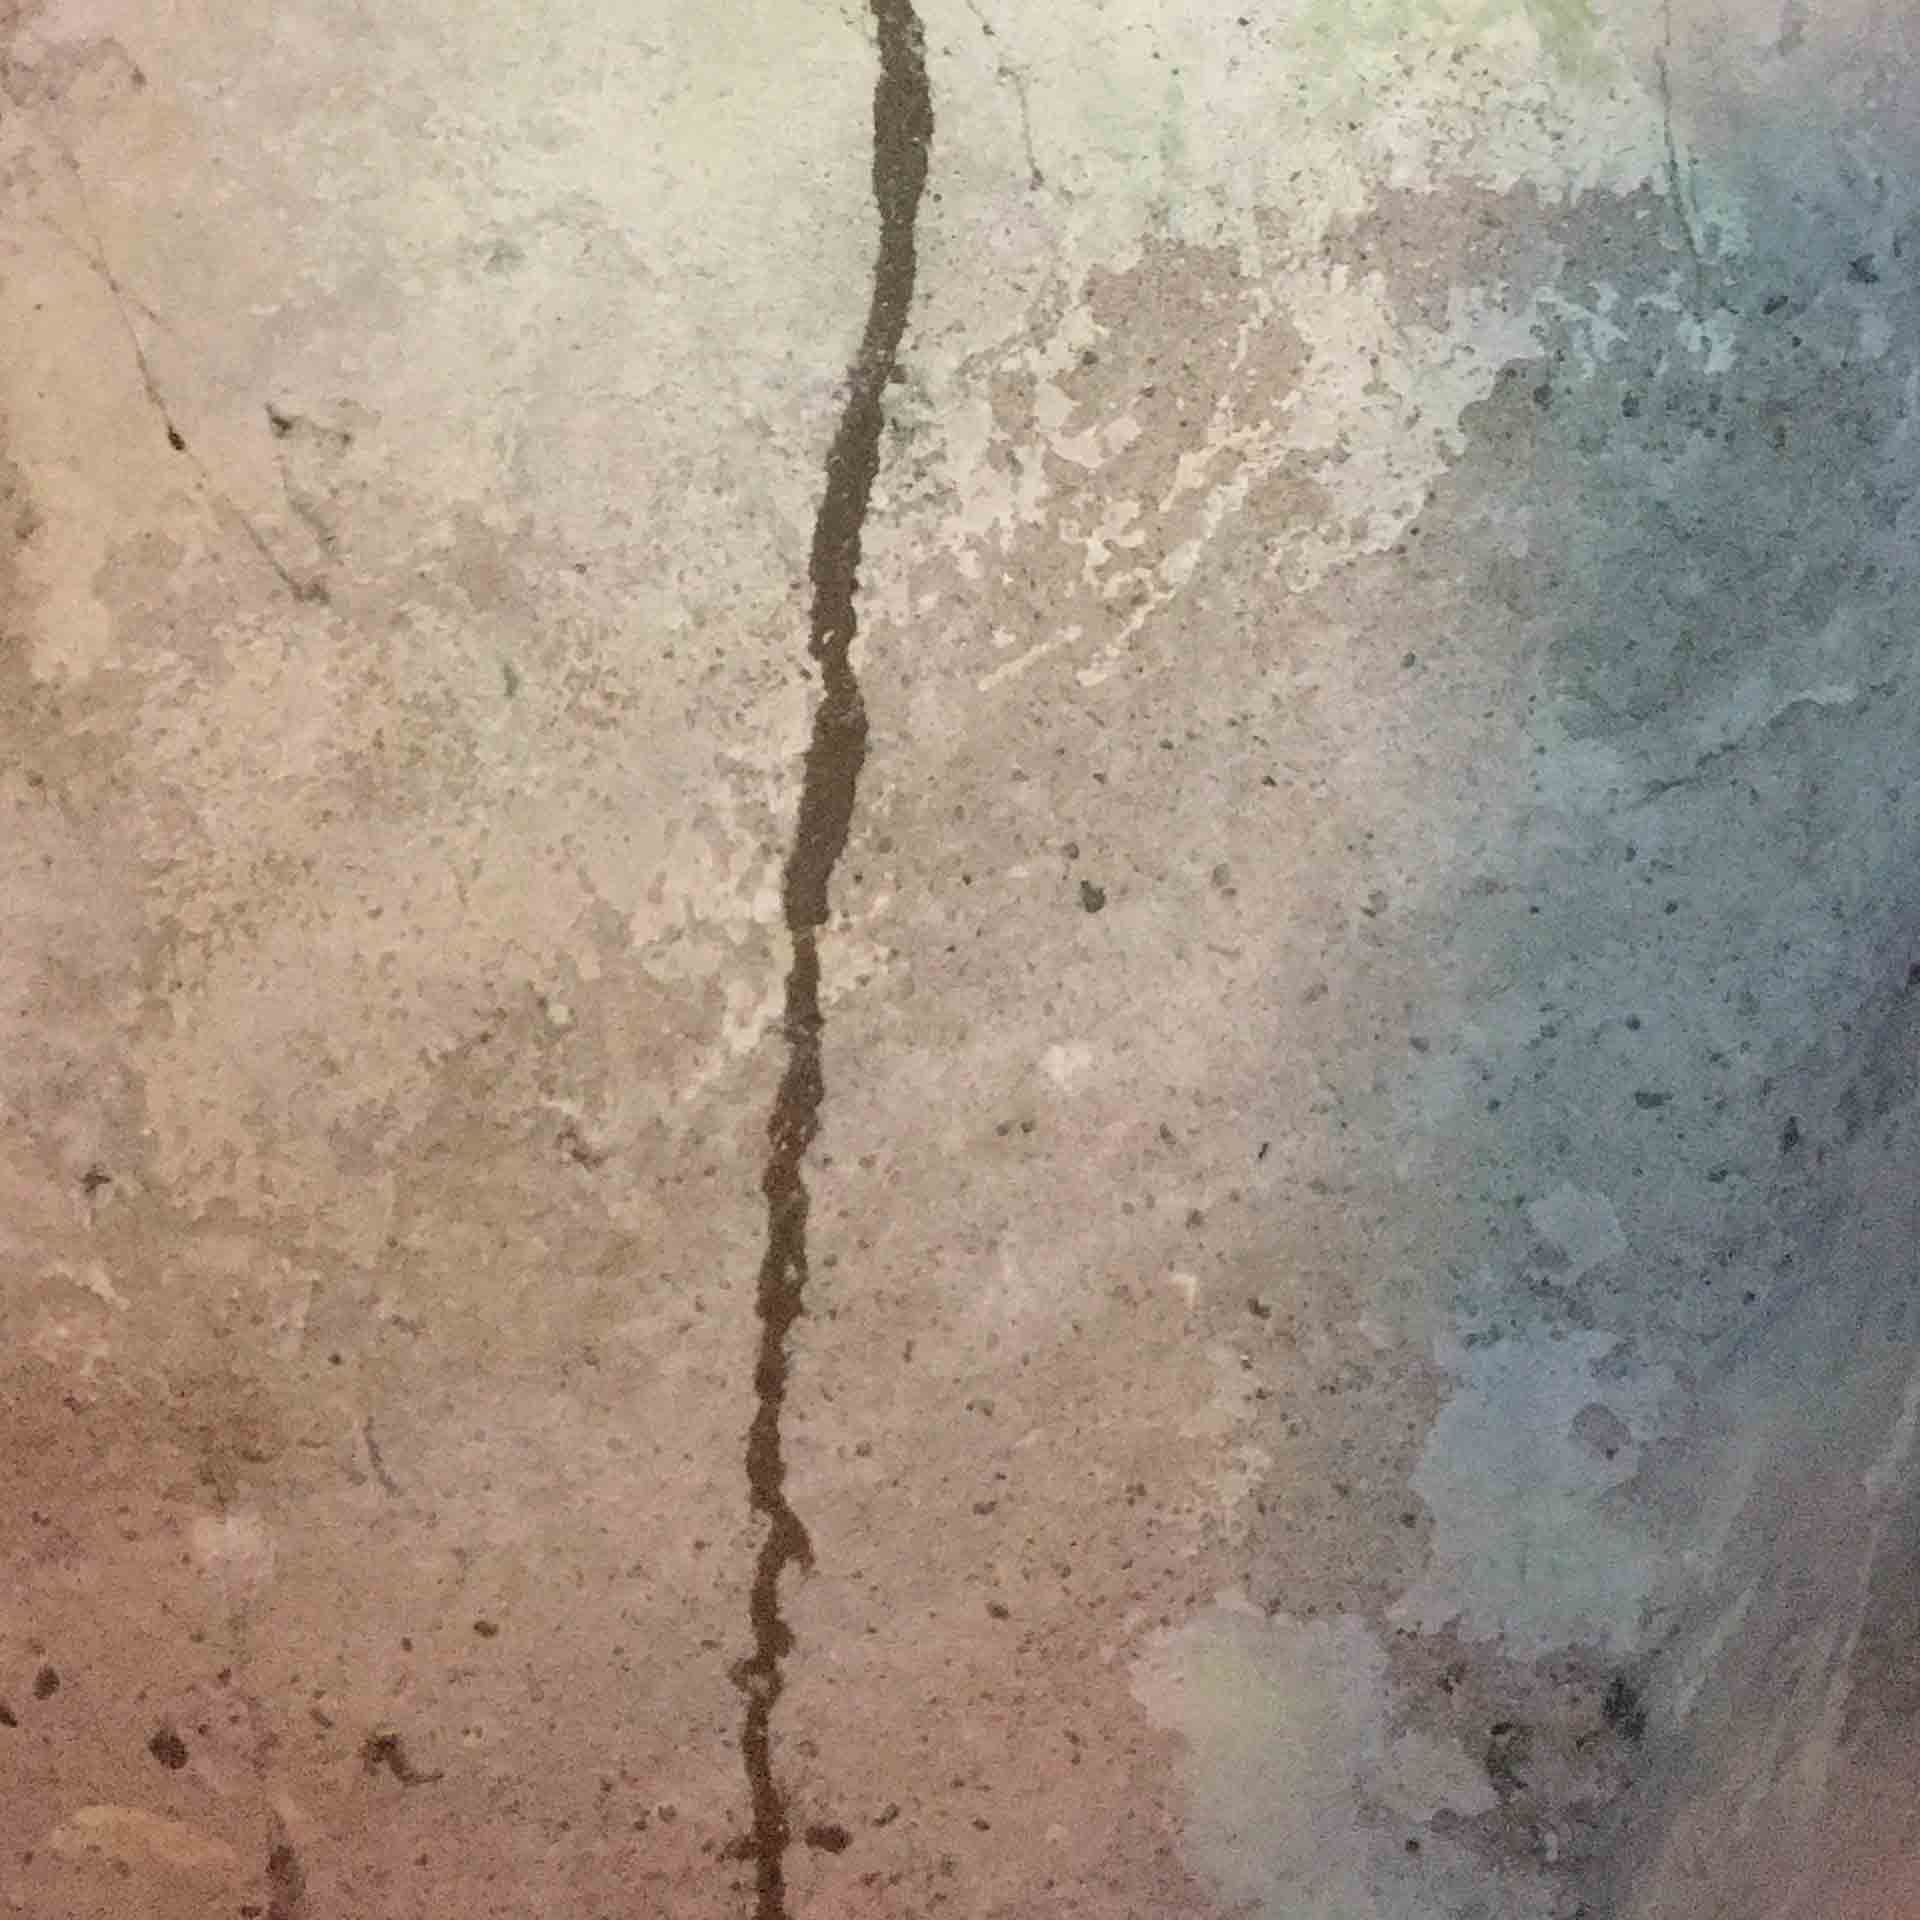 Longs termite mud tube